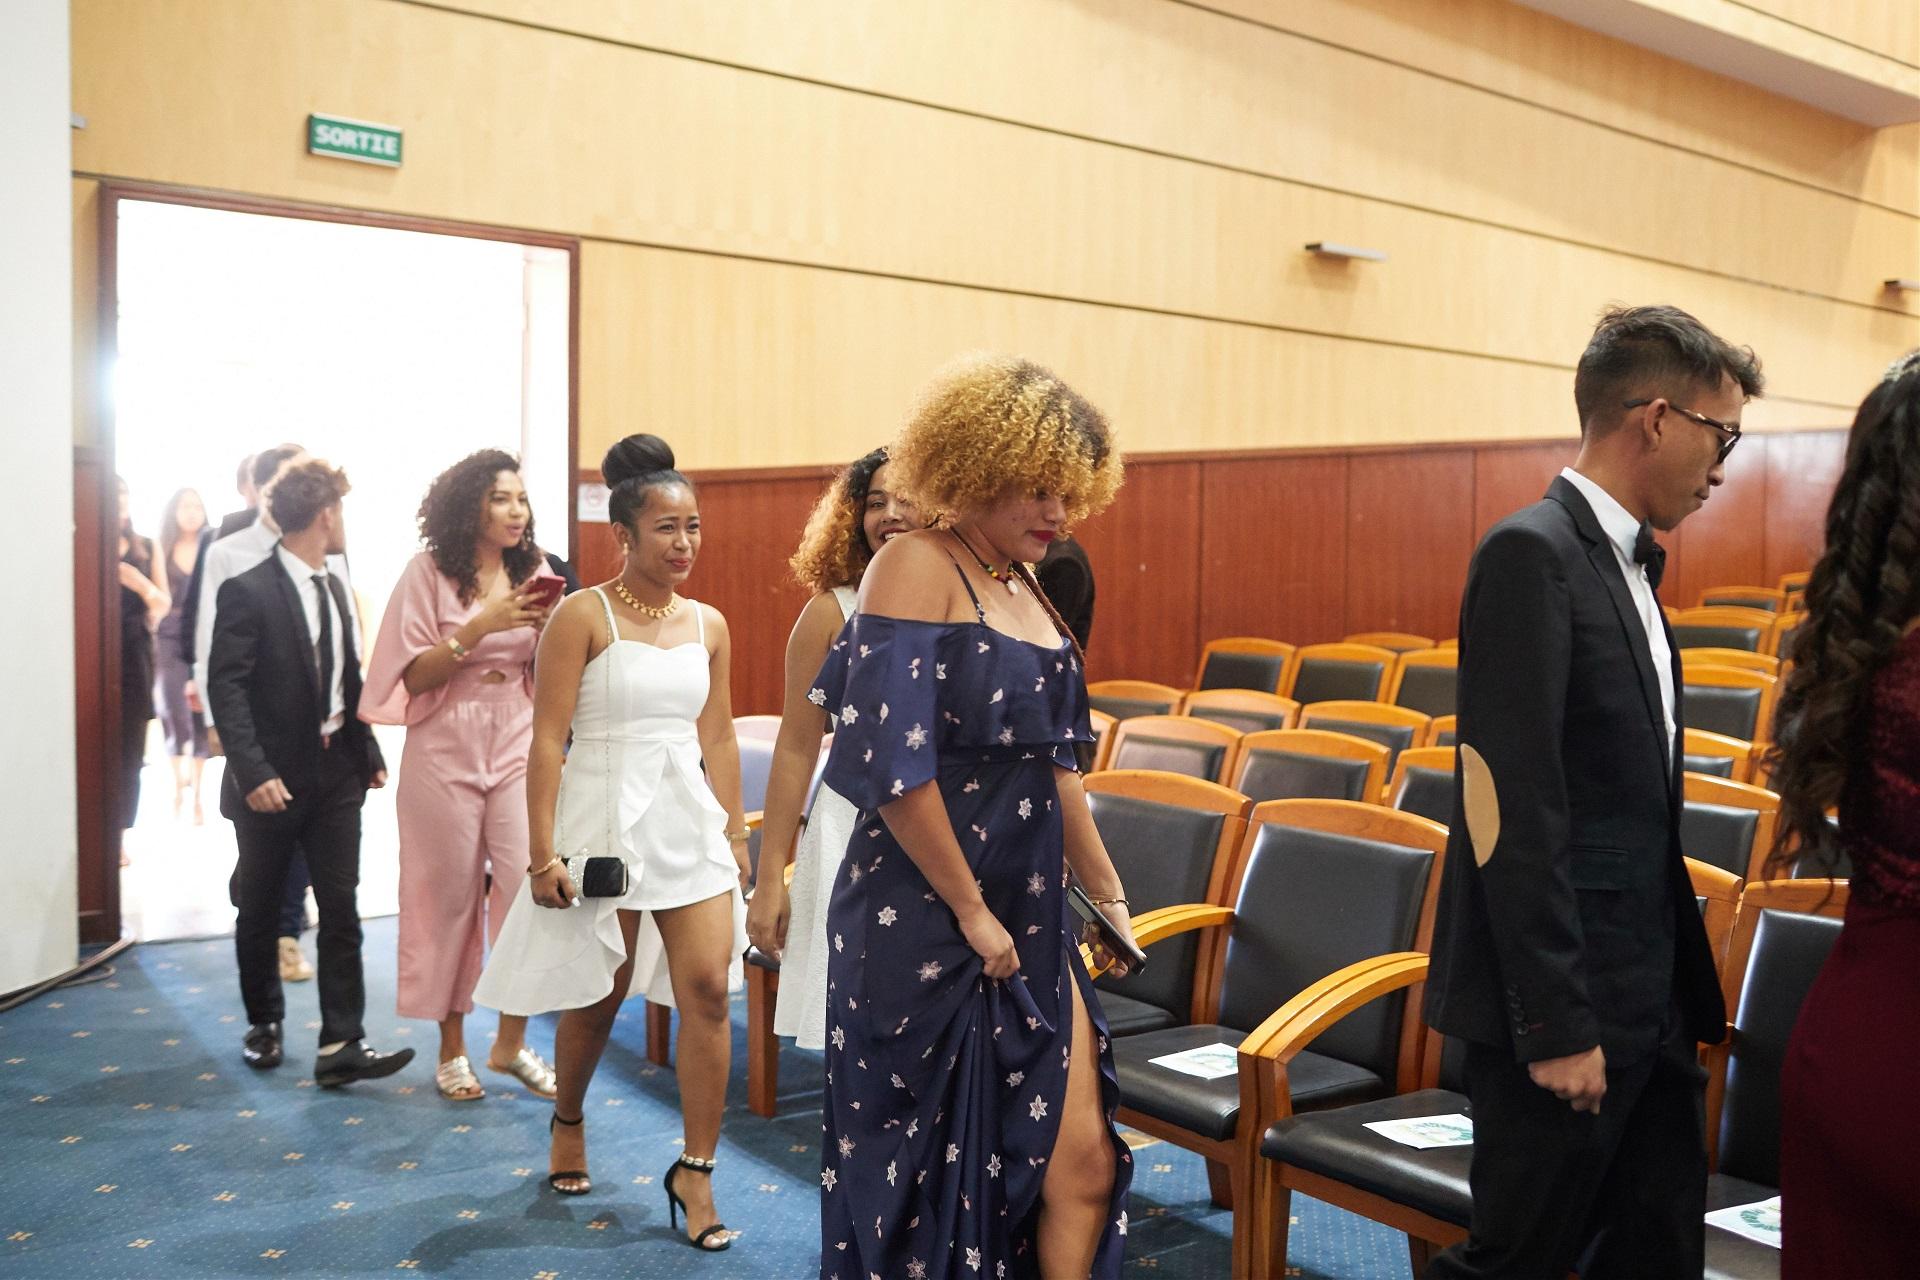 0057_Graduation_LFT_19-07-02